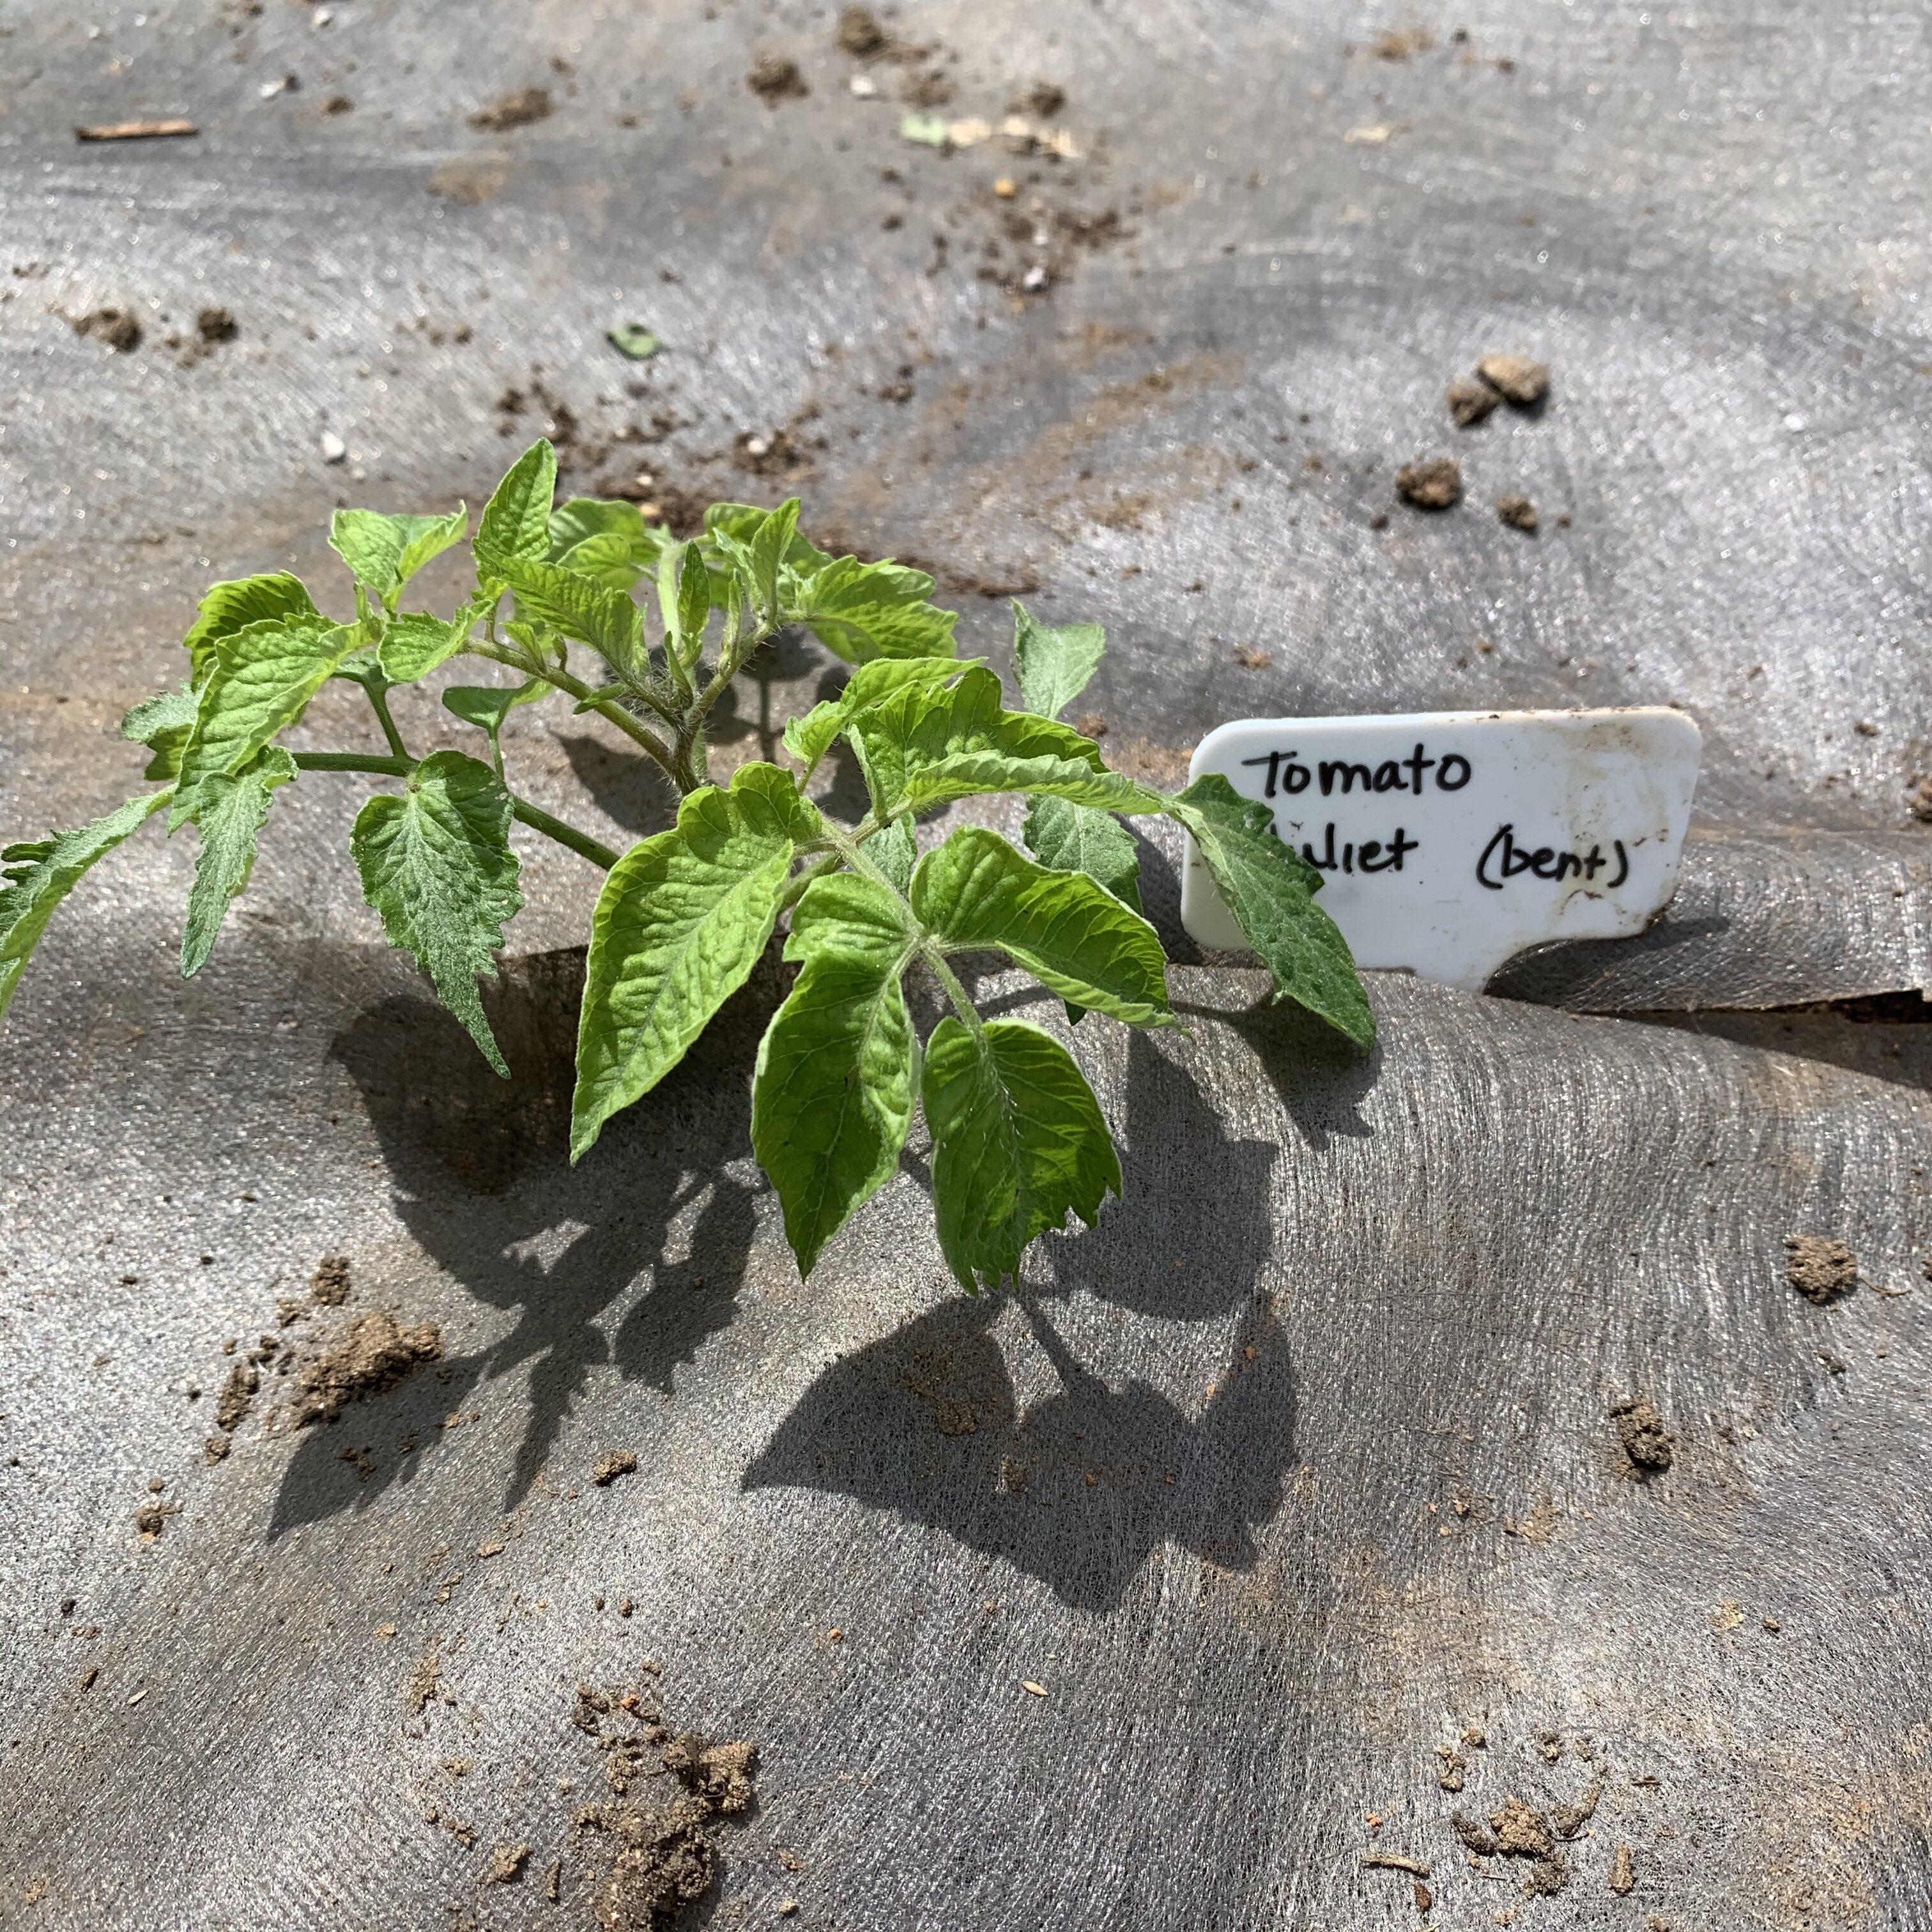 CE5C4CD7 5453 498E AB5E 4DCF22E2B802 Tomato planting day!